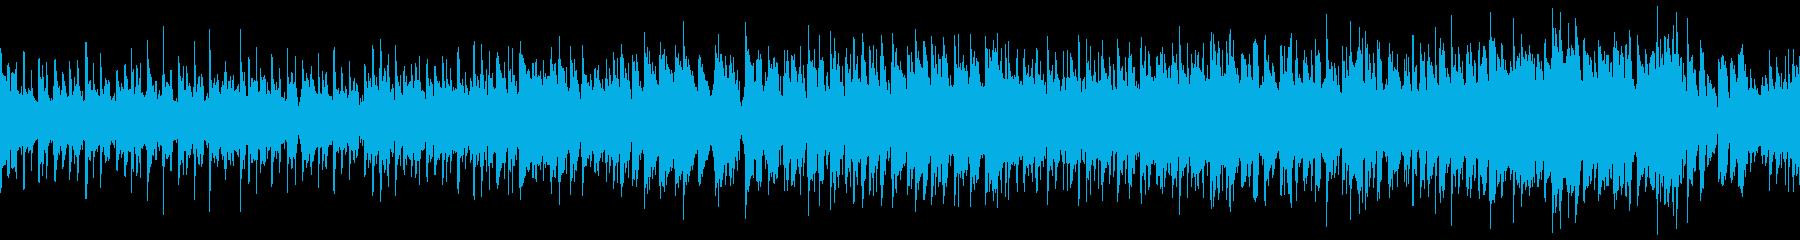 【ループ】情熱的フラメンコ/ラテンの再生済みの波形